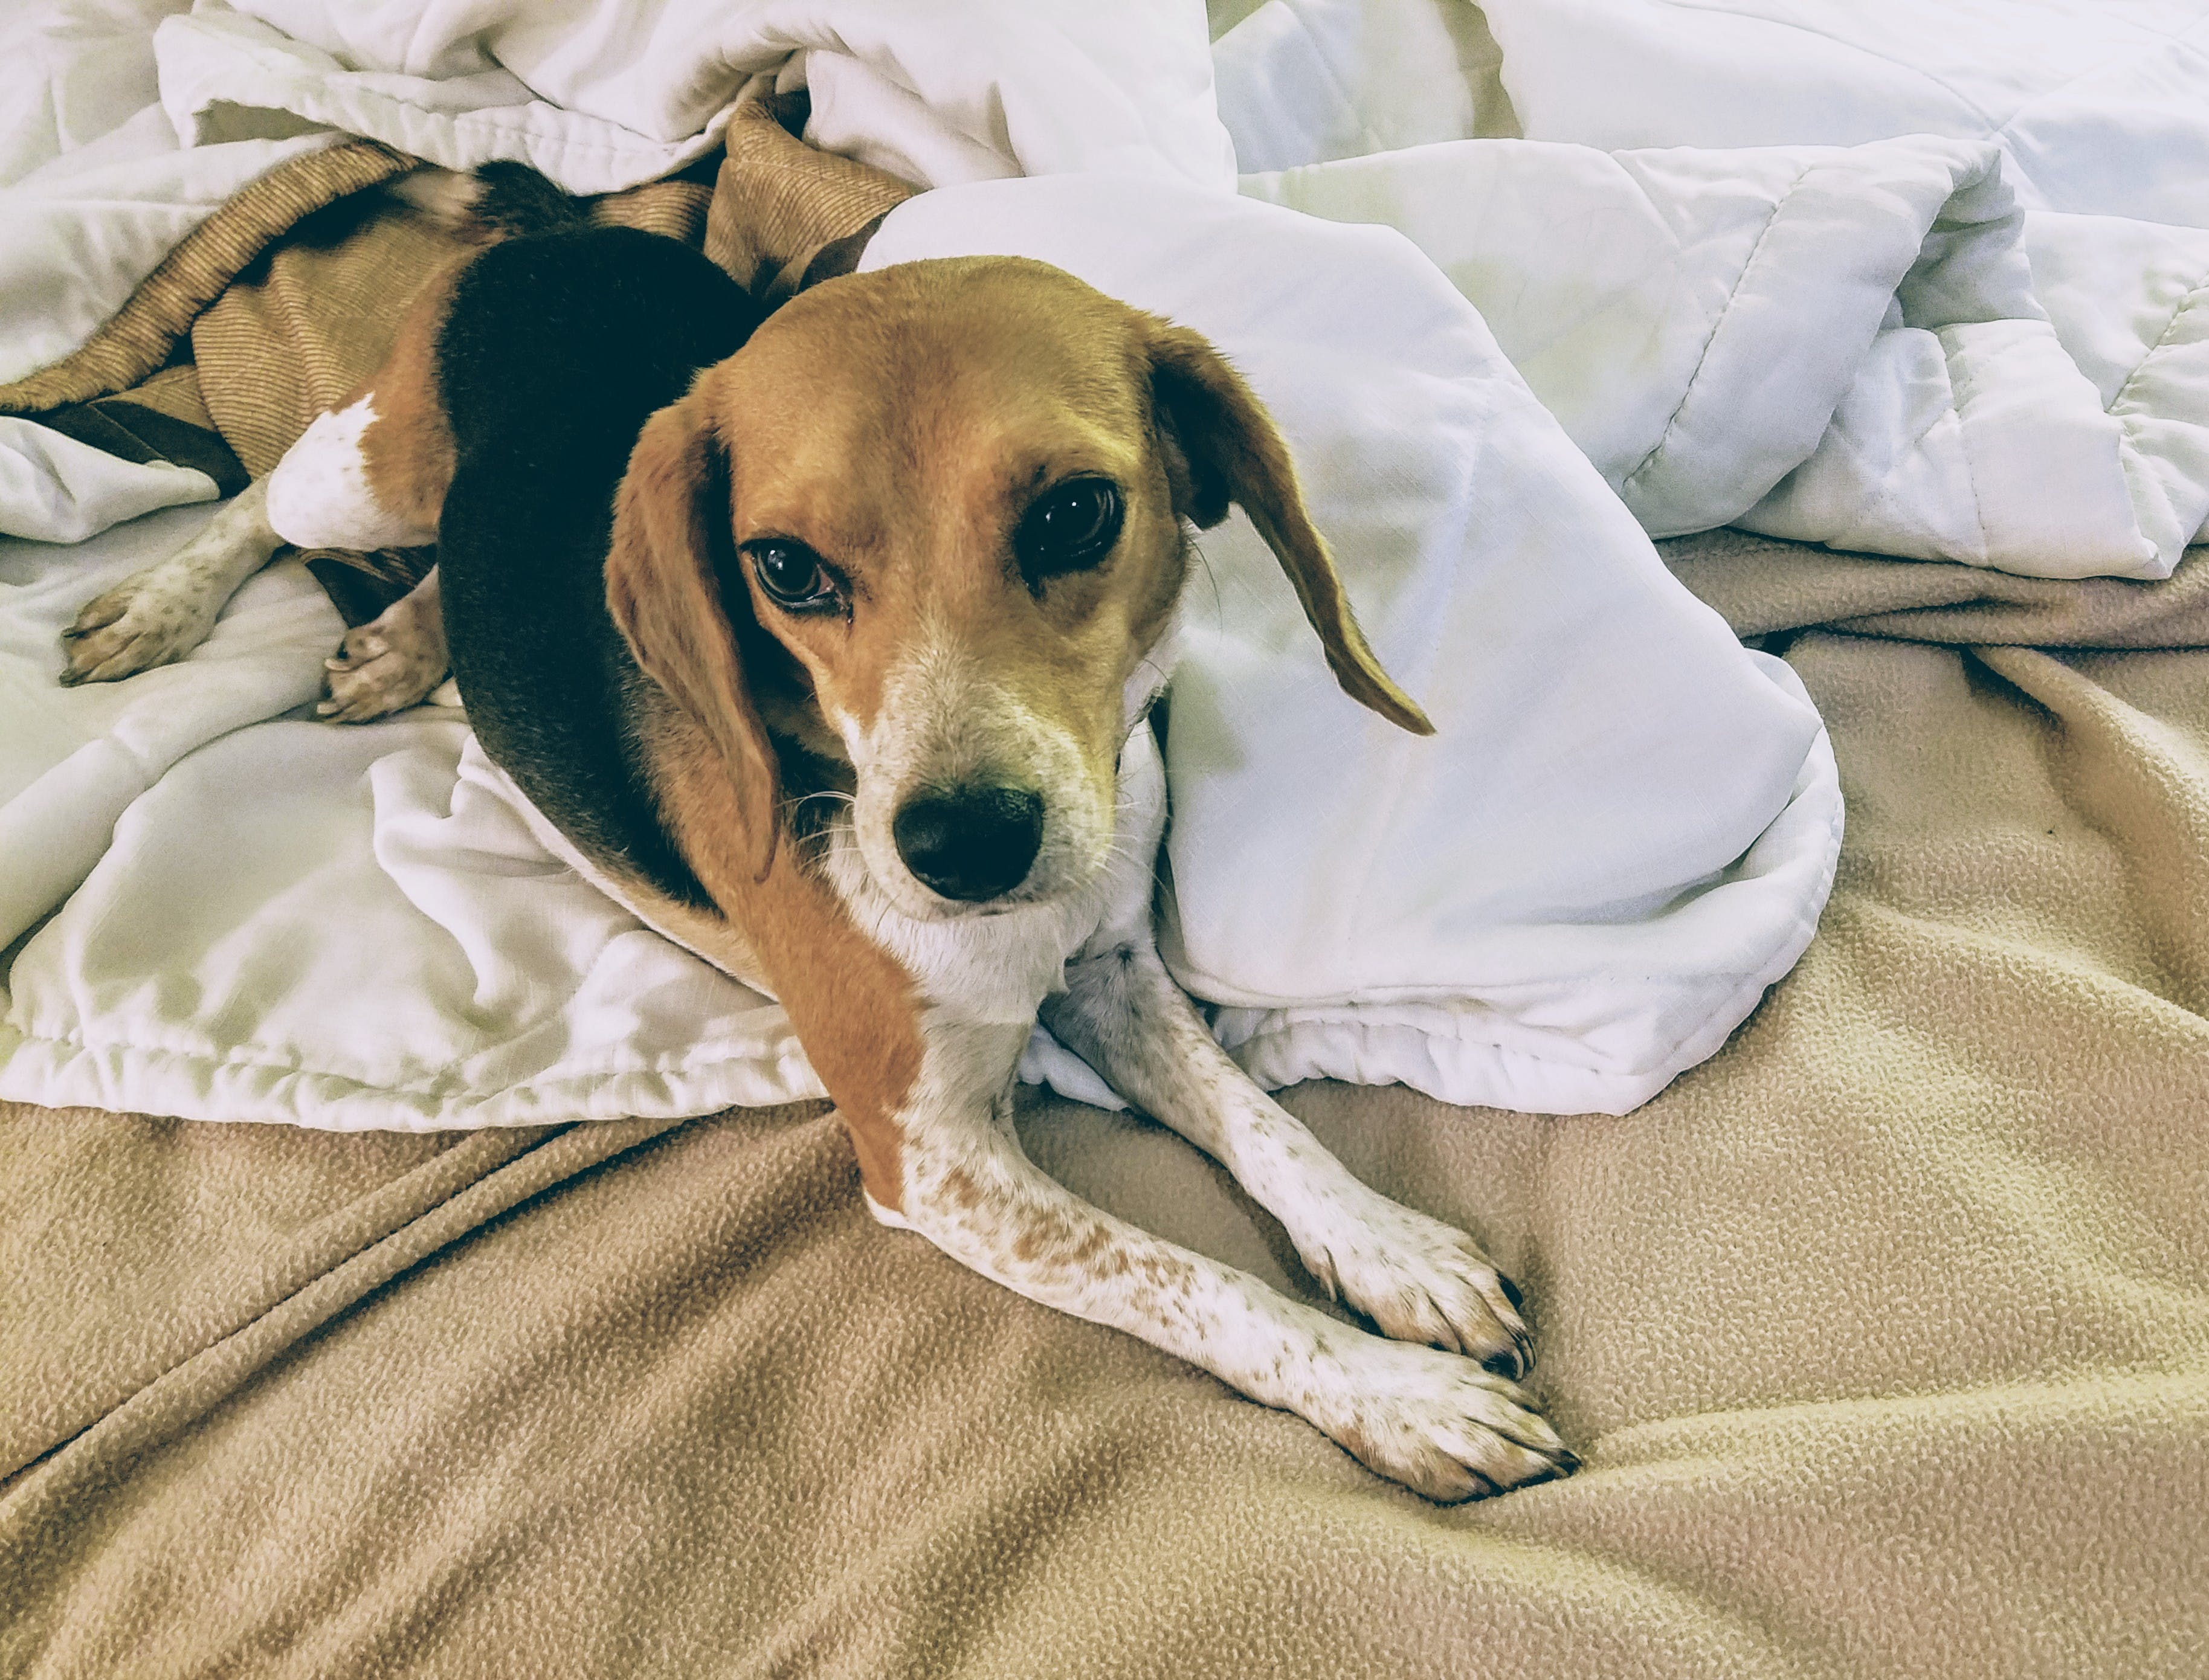 Kostenloses Stock Foto zu beagle, haustiere, hund, süße tiere